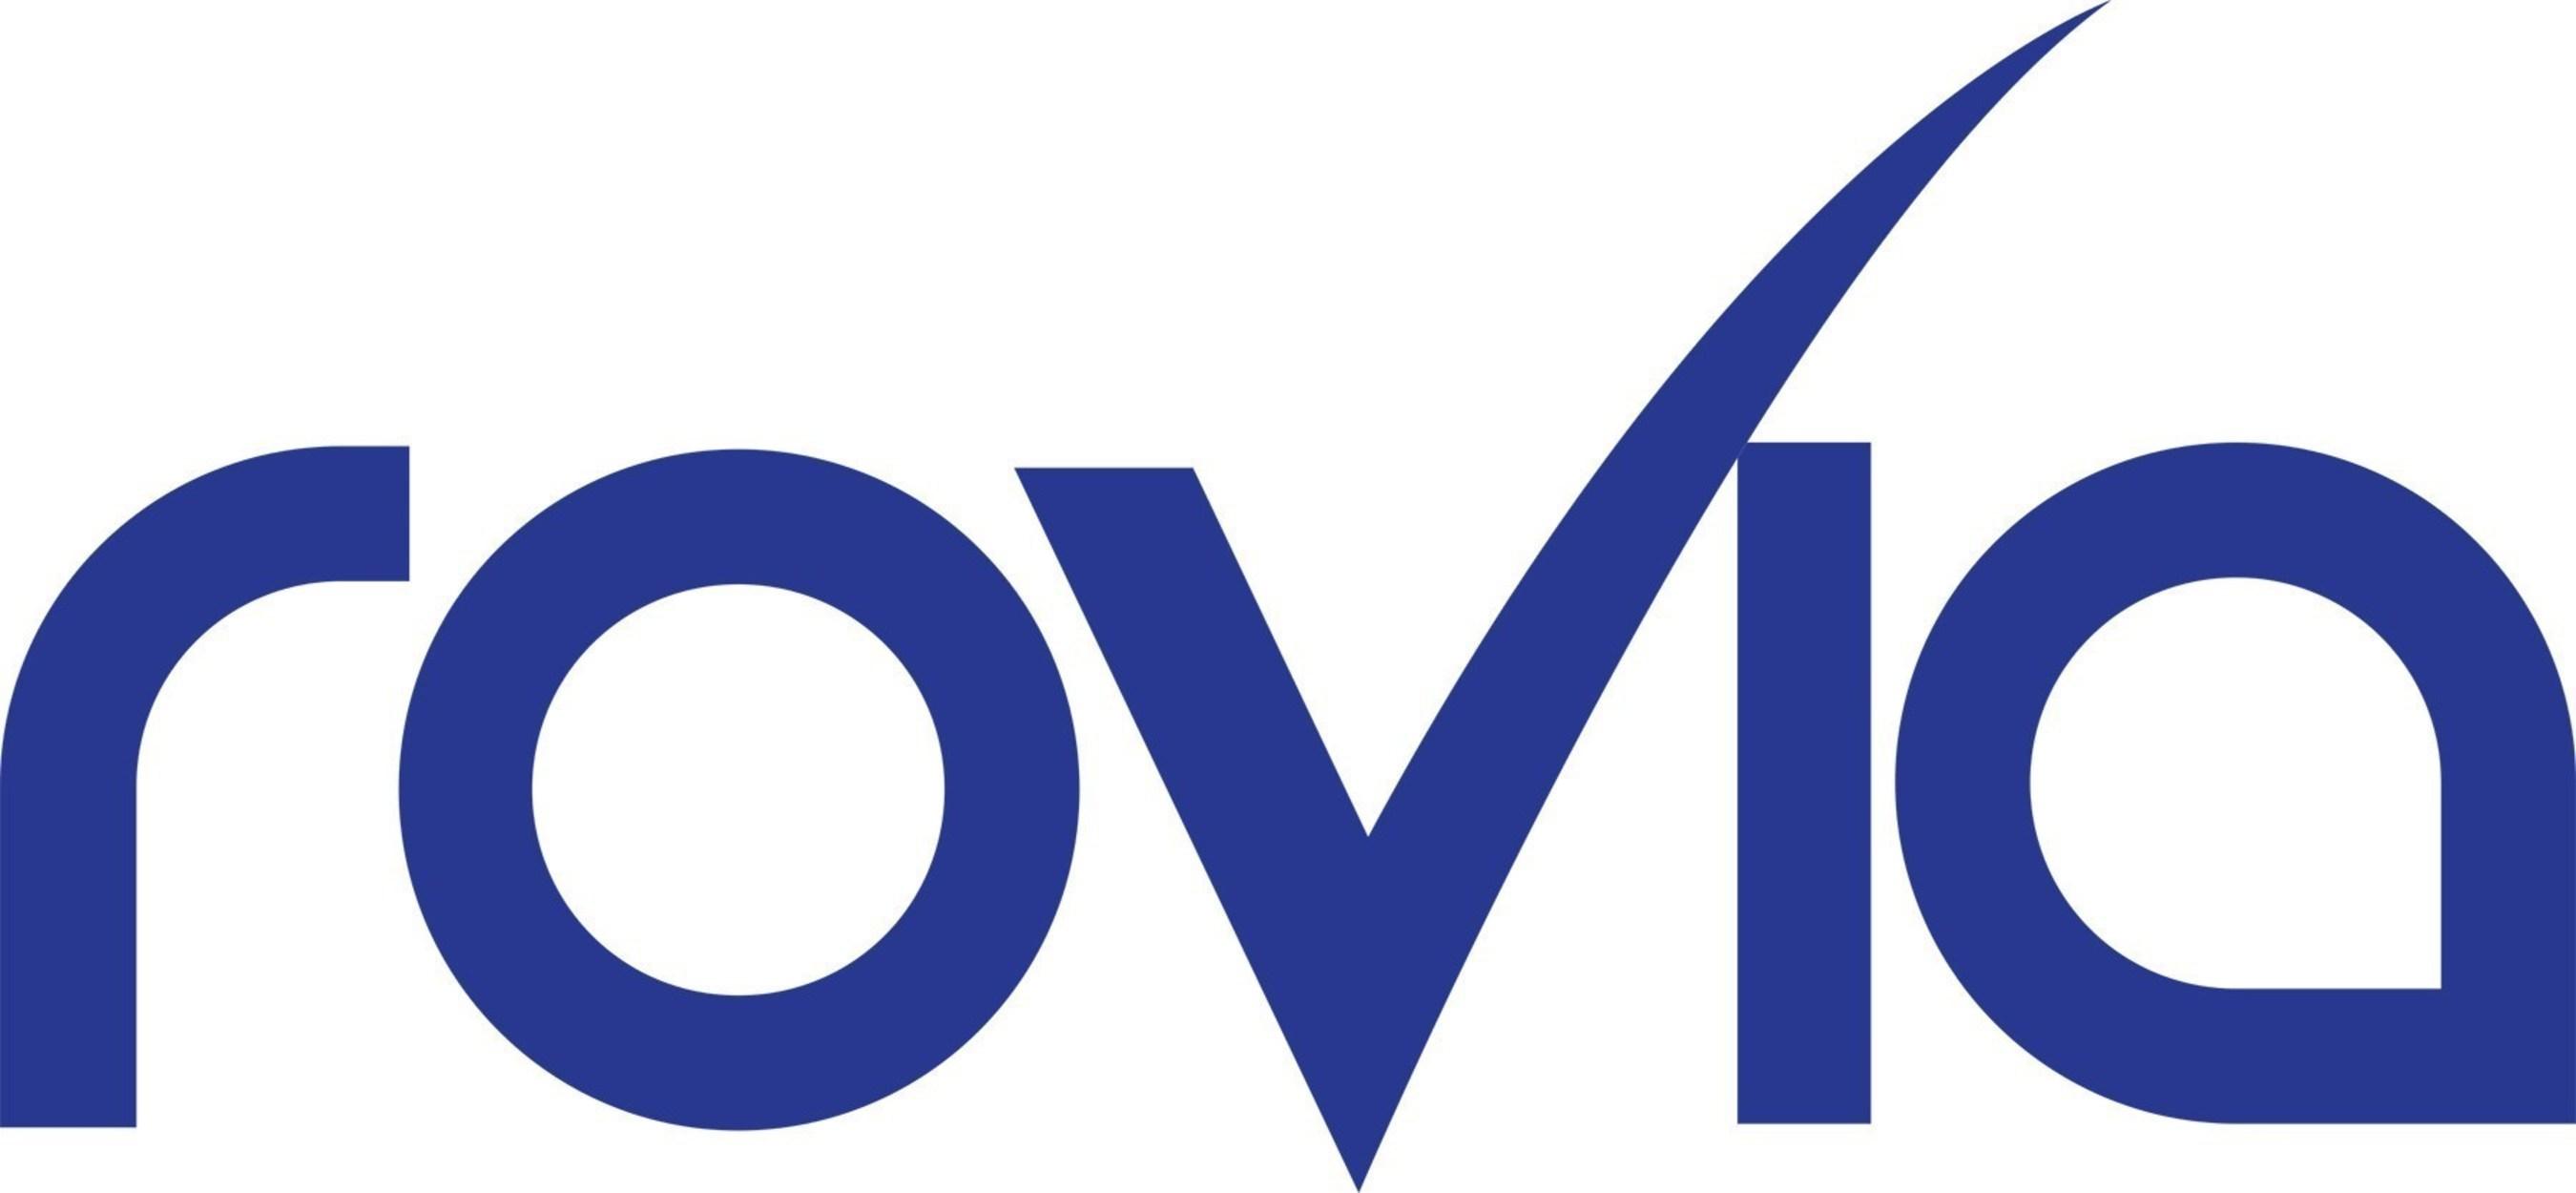 Rovia official logo